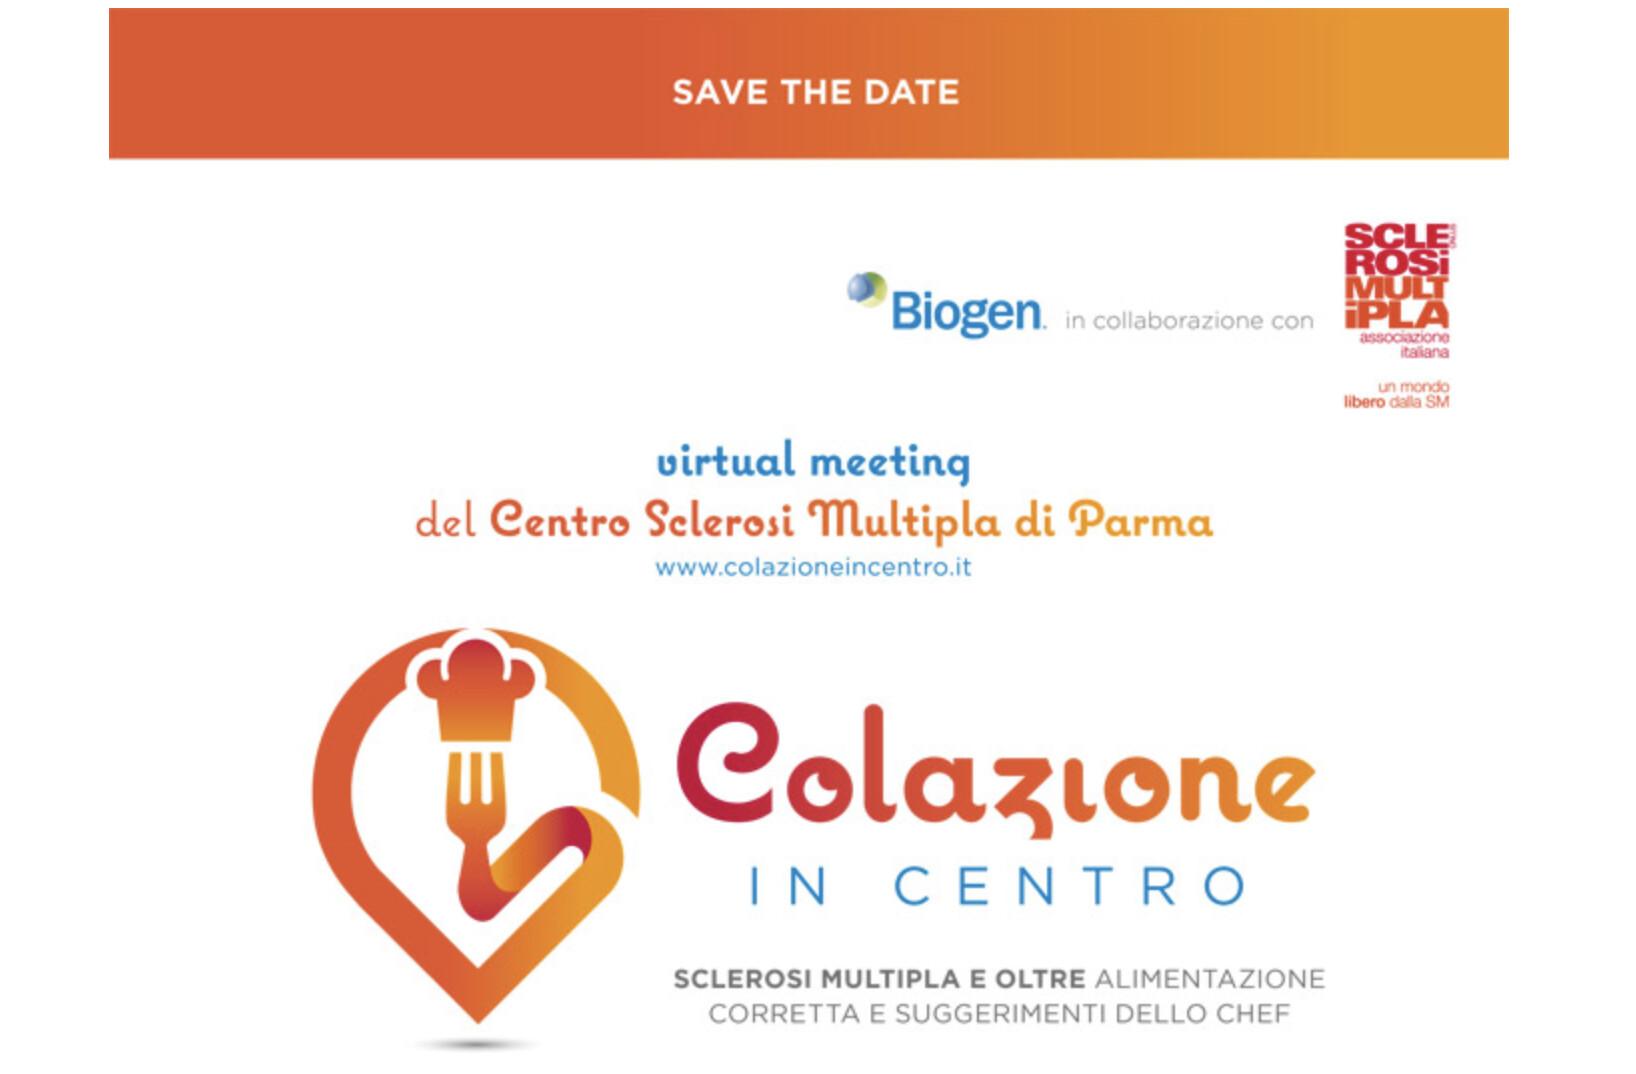 AISM: Colazione in Centro 2020